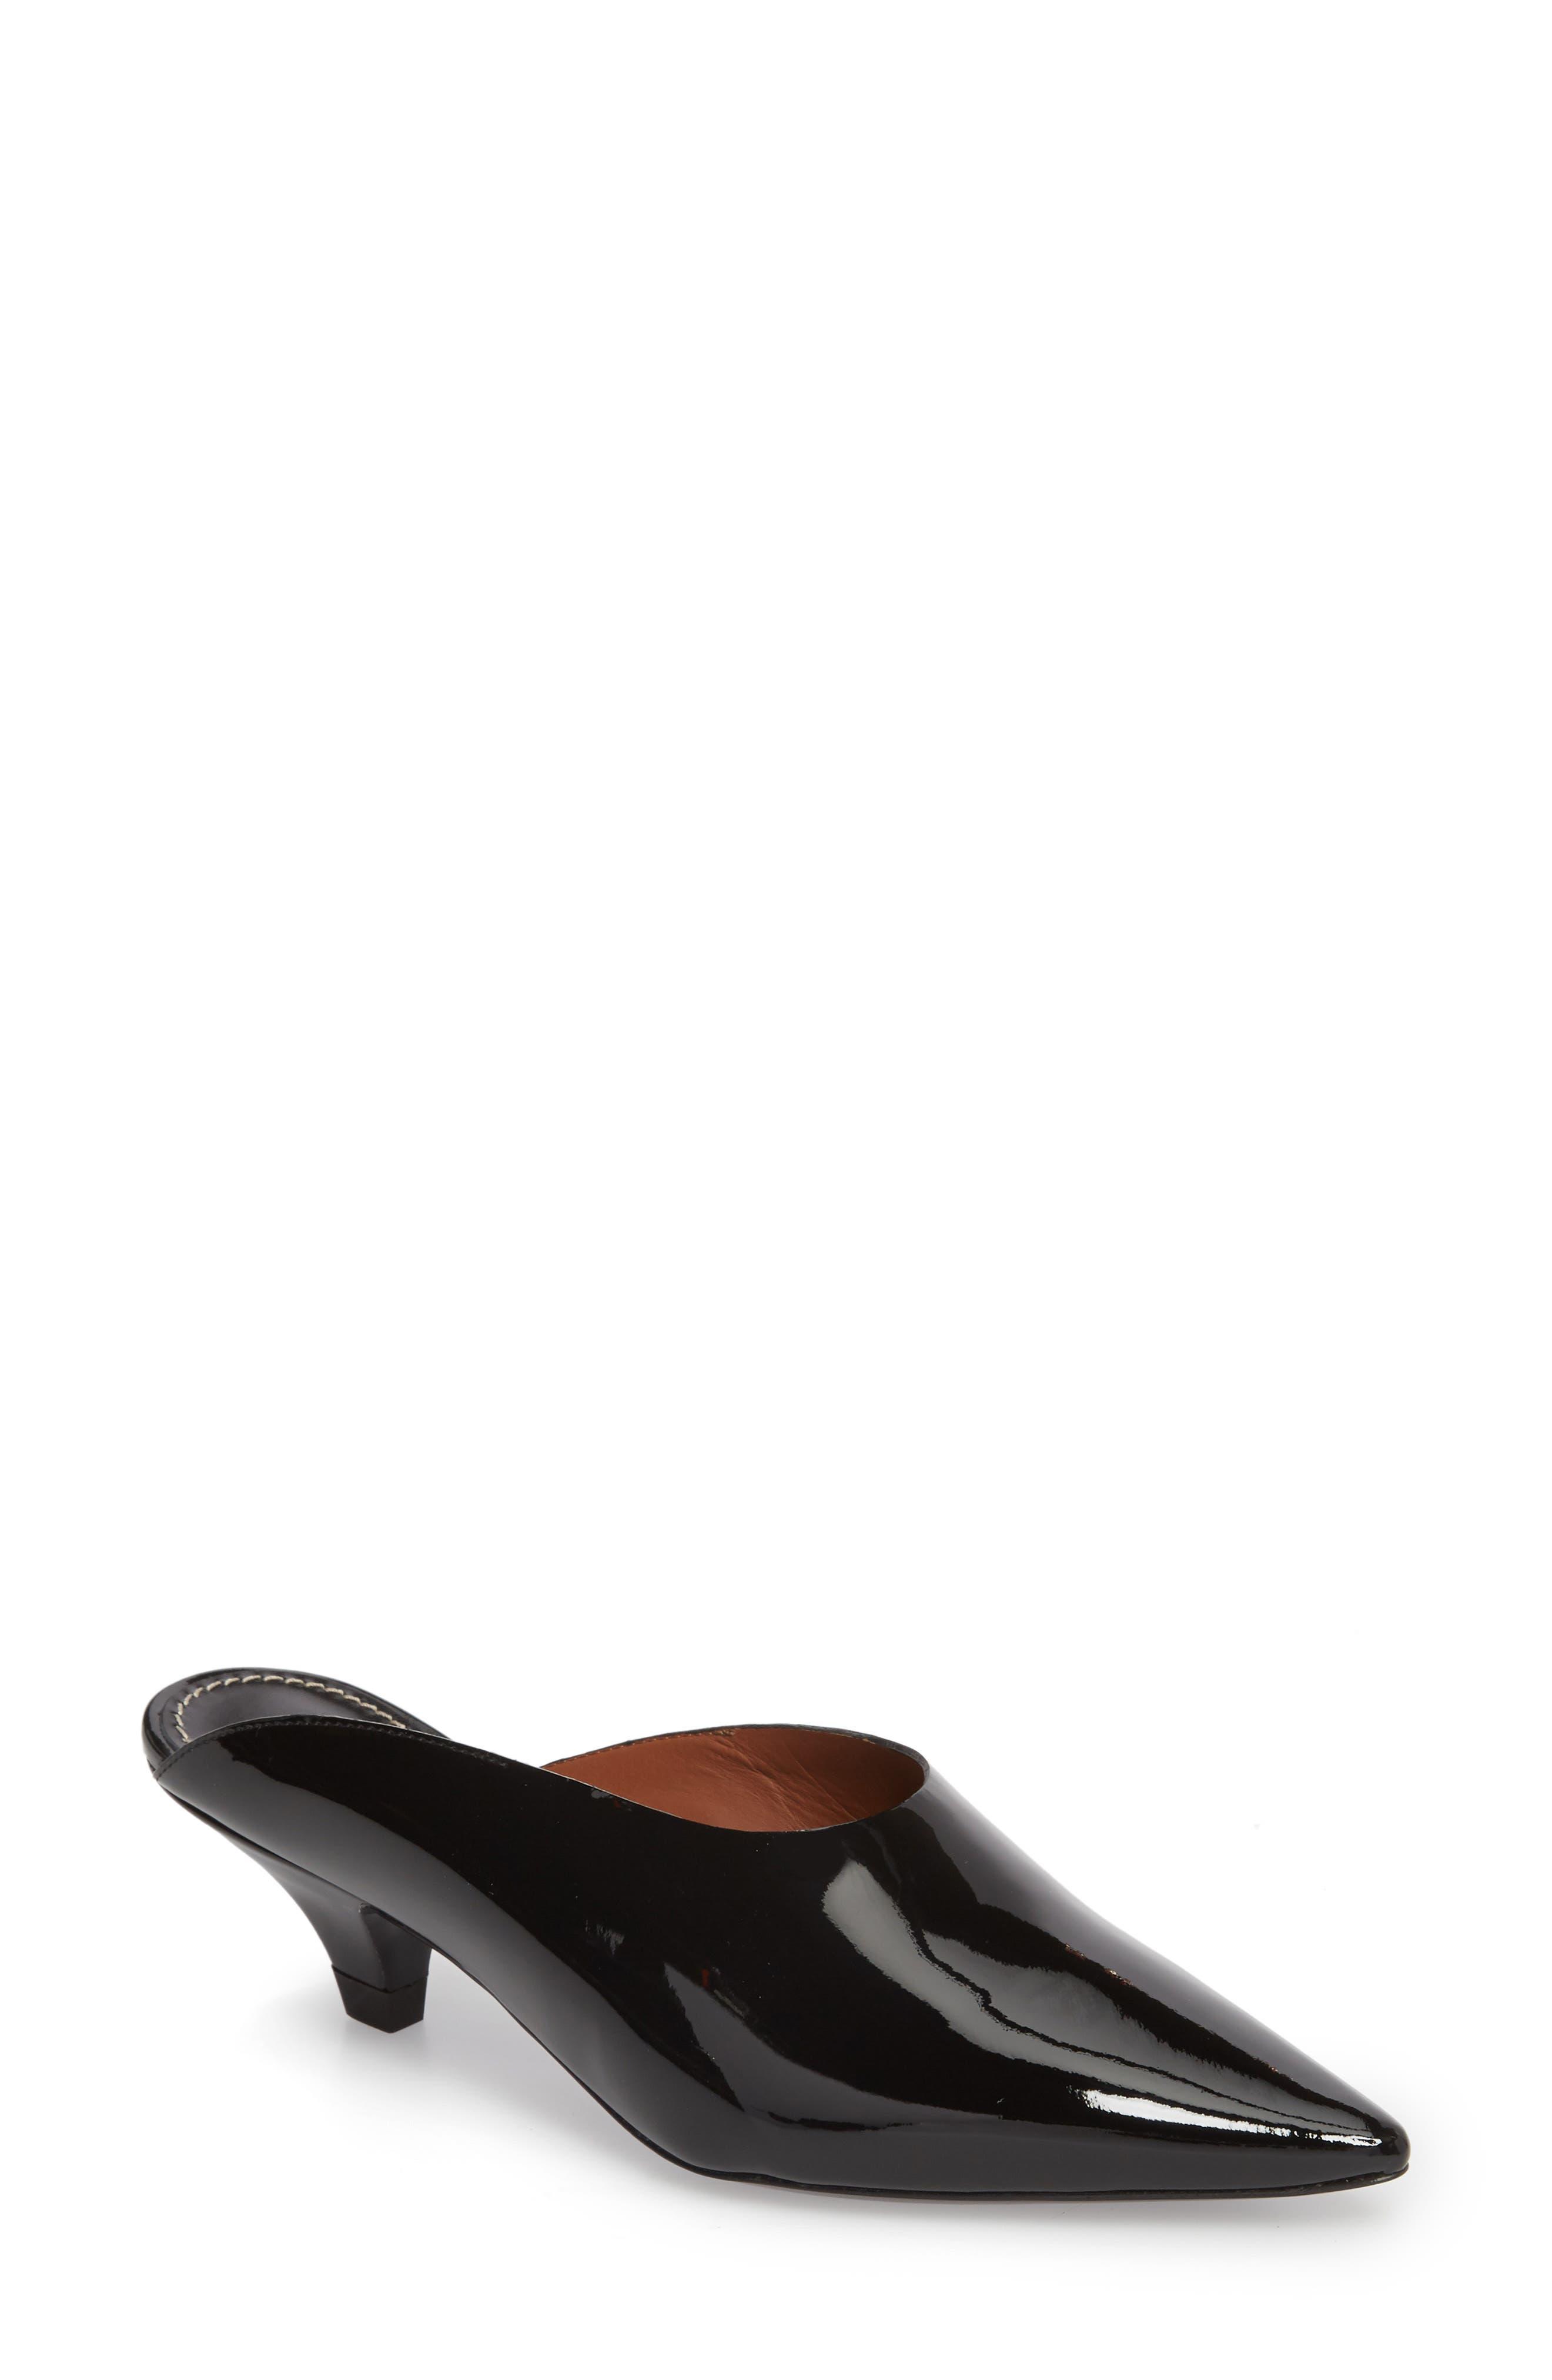 Proenza Schouler Asymmetric Pointy Toe Mule, Black